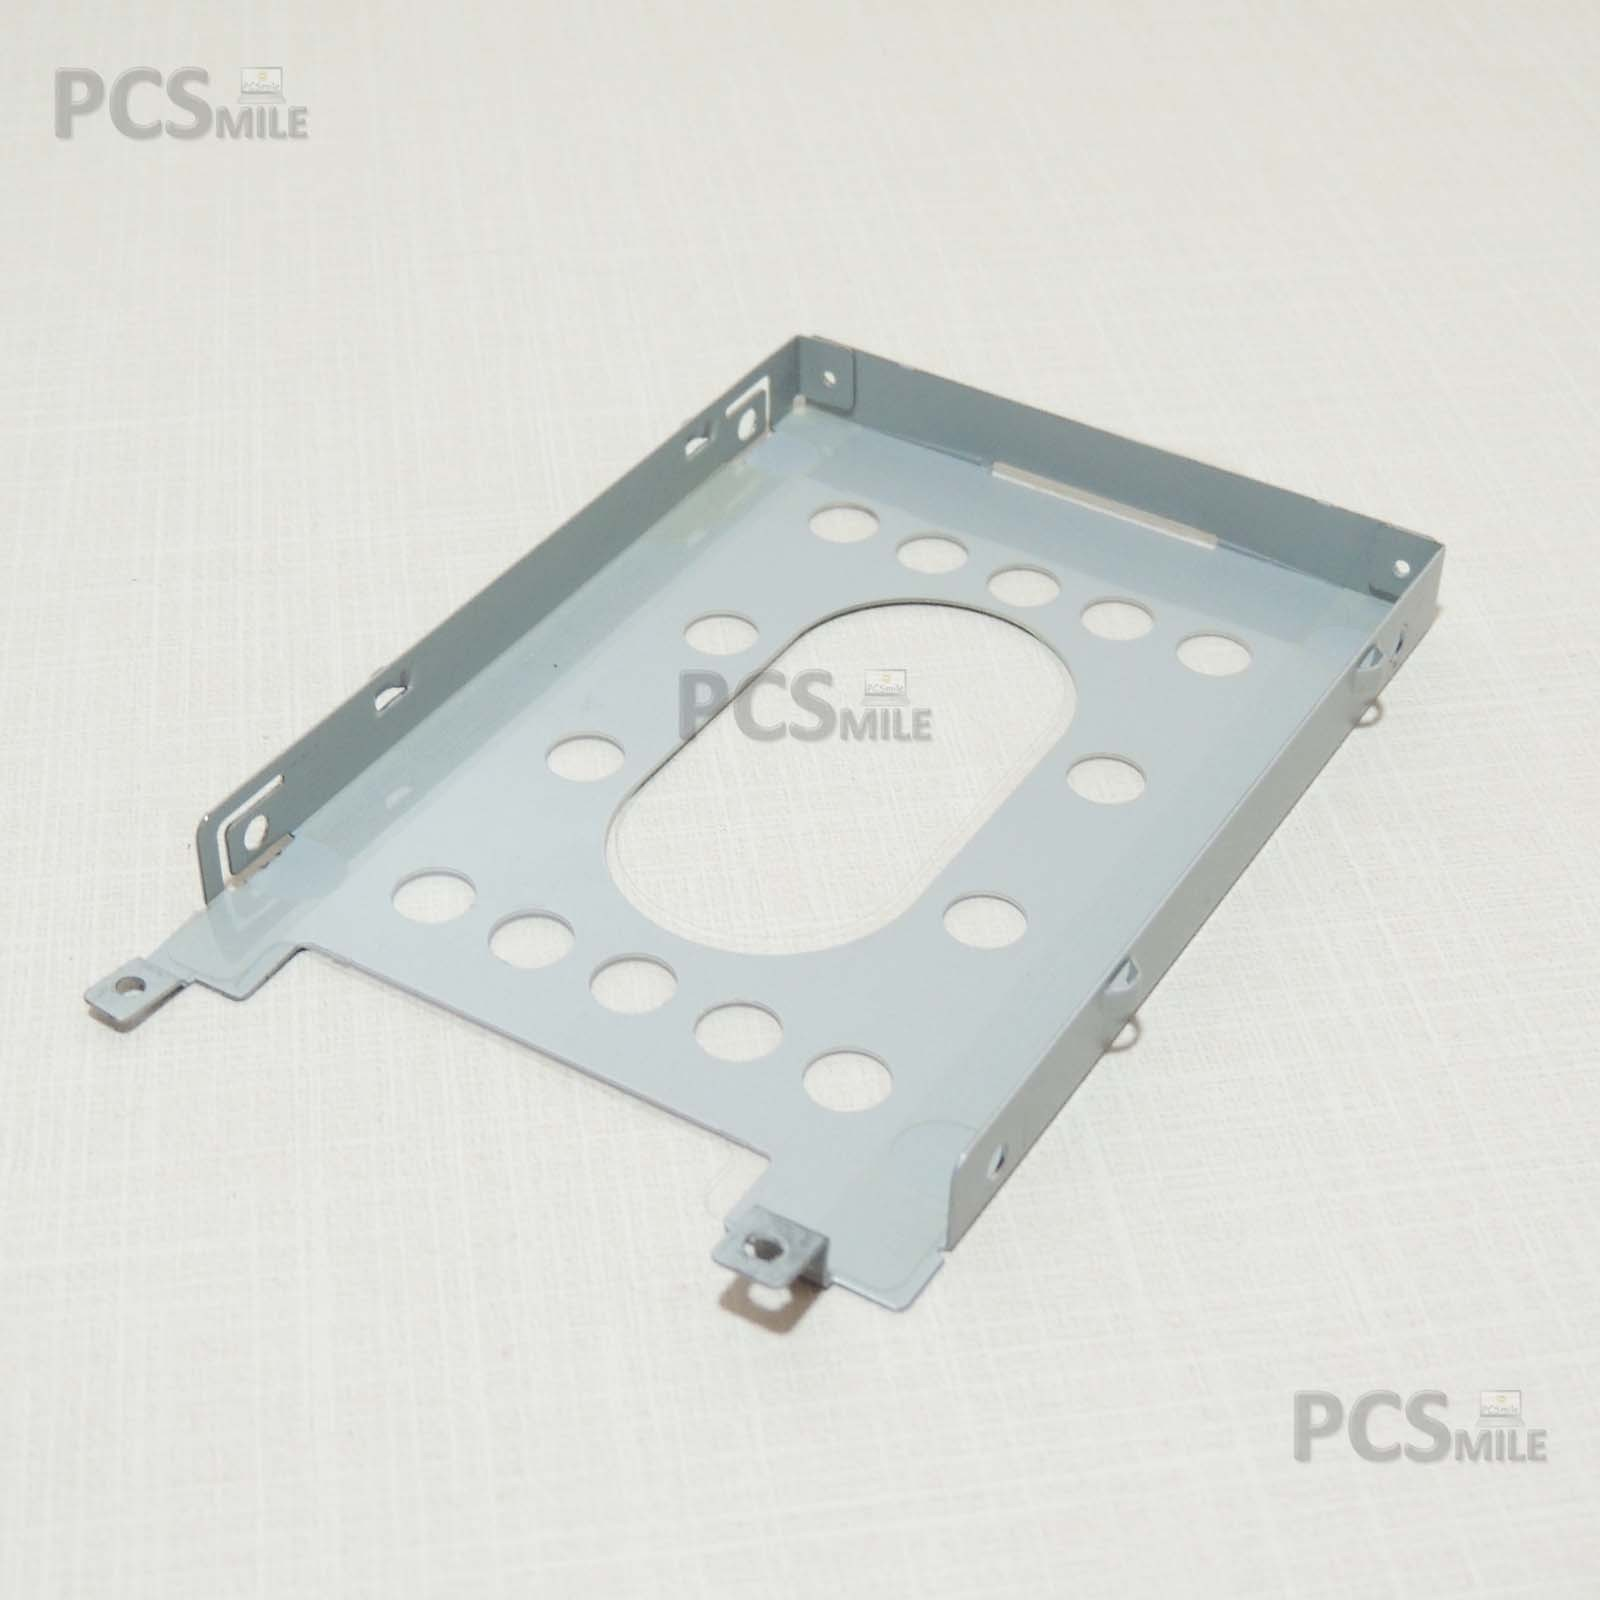 Carrellino hard disk originale Acer Aspire One D260 Caddy supporto HD slitta